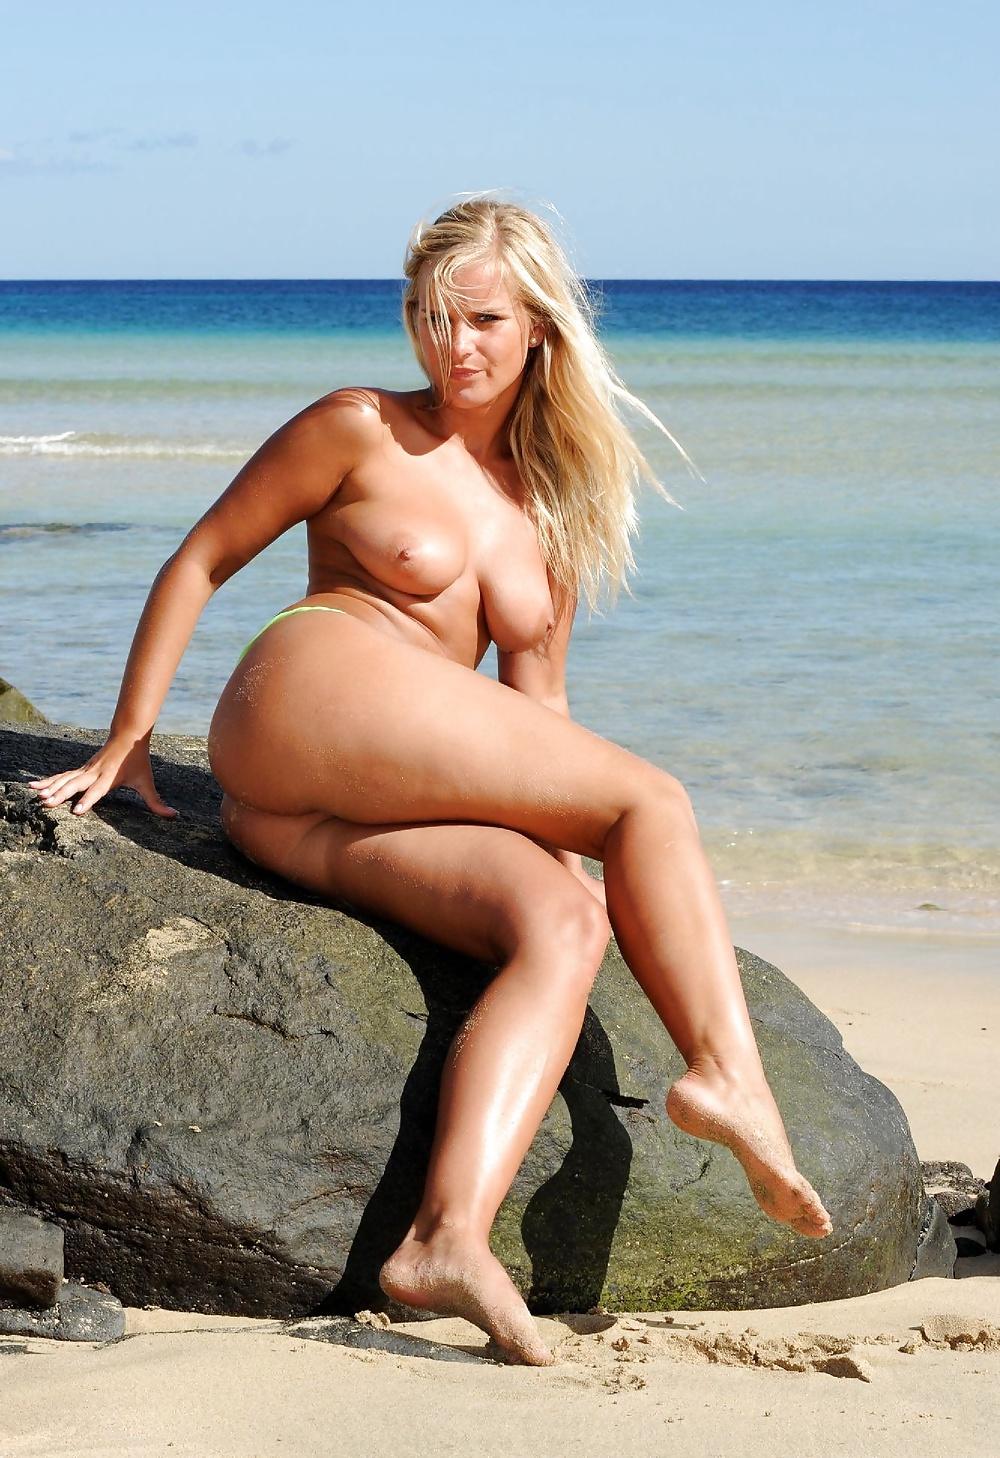 Female skimpy bikini models